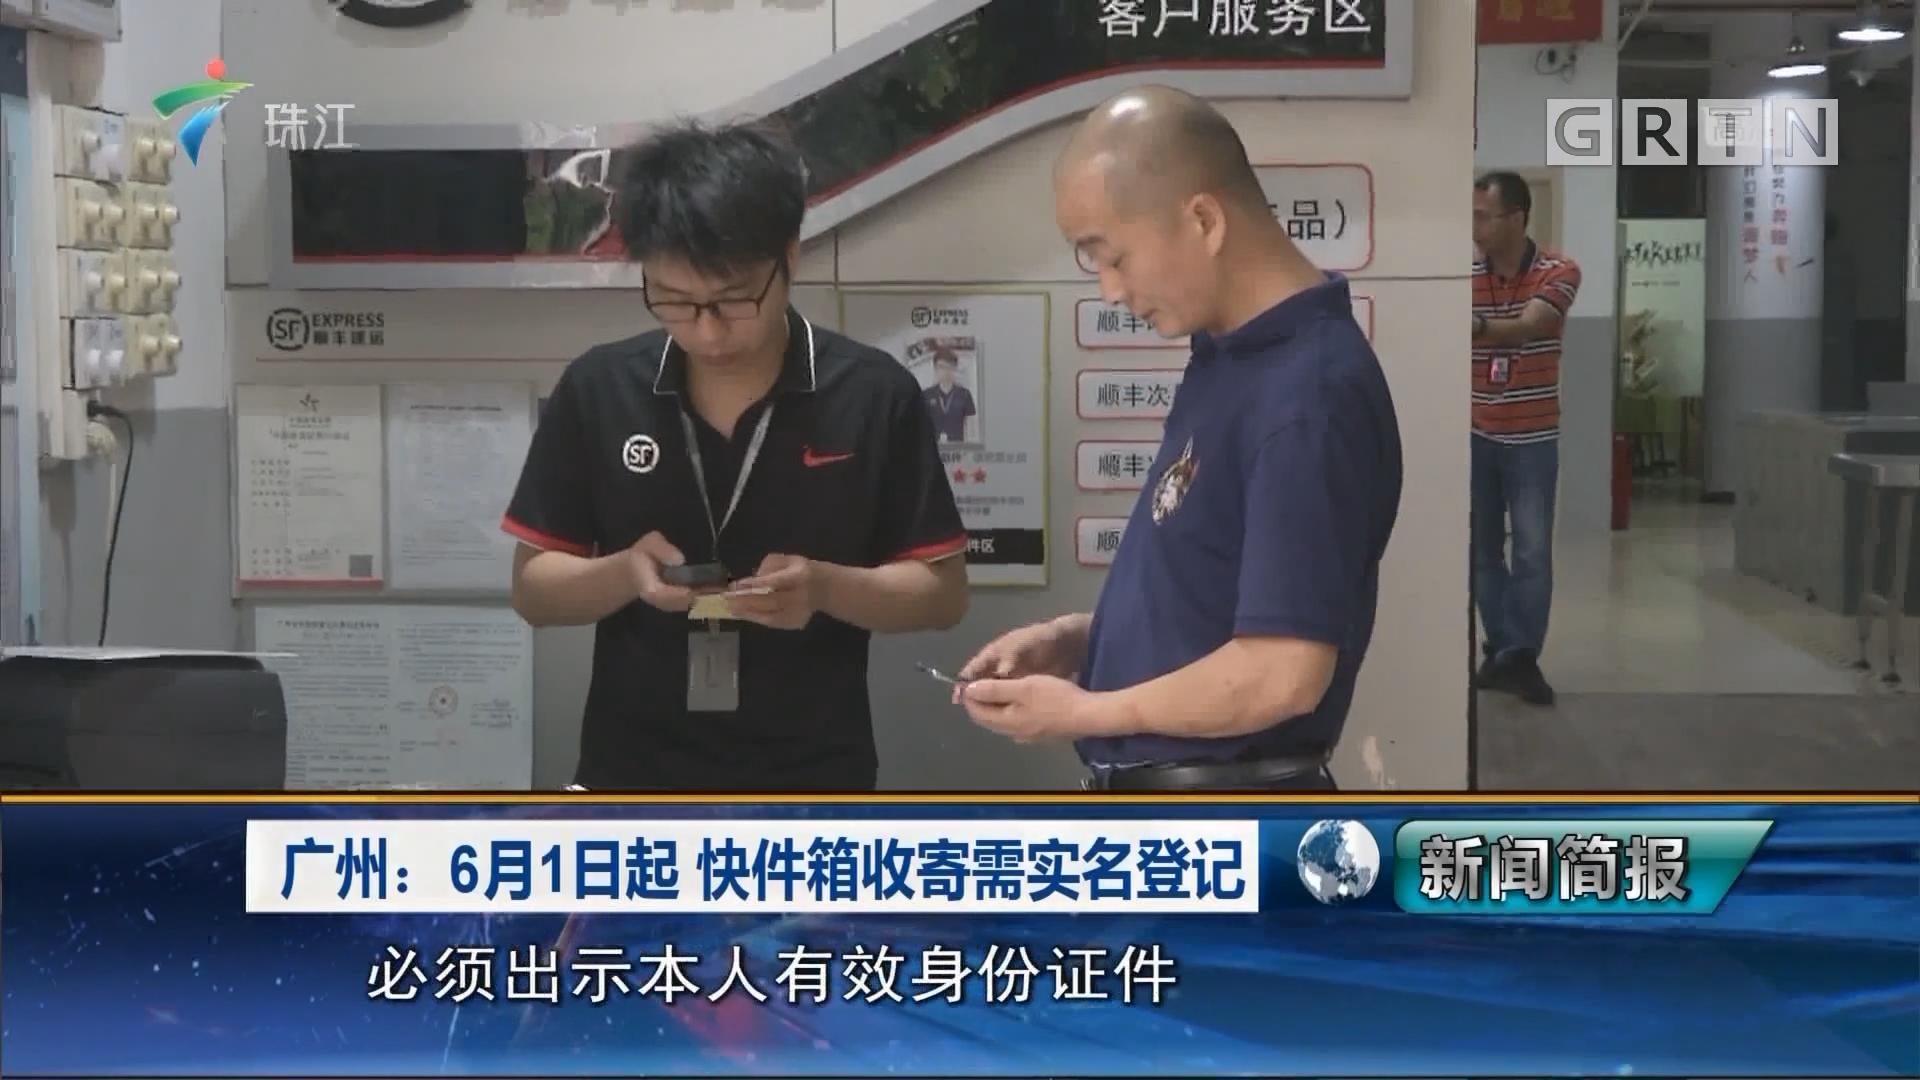 广州:6月1日起 快件箱收寄需实名登记